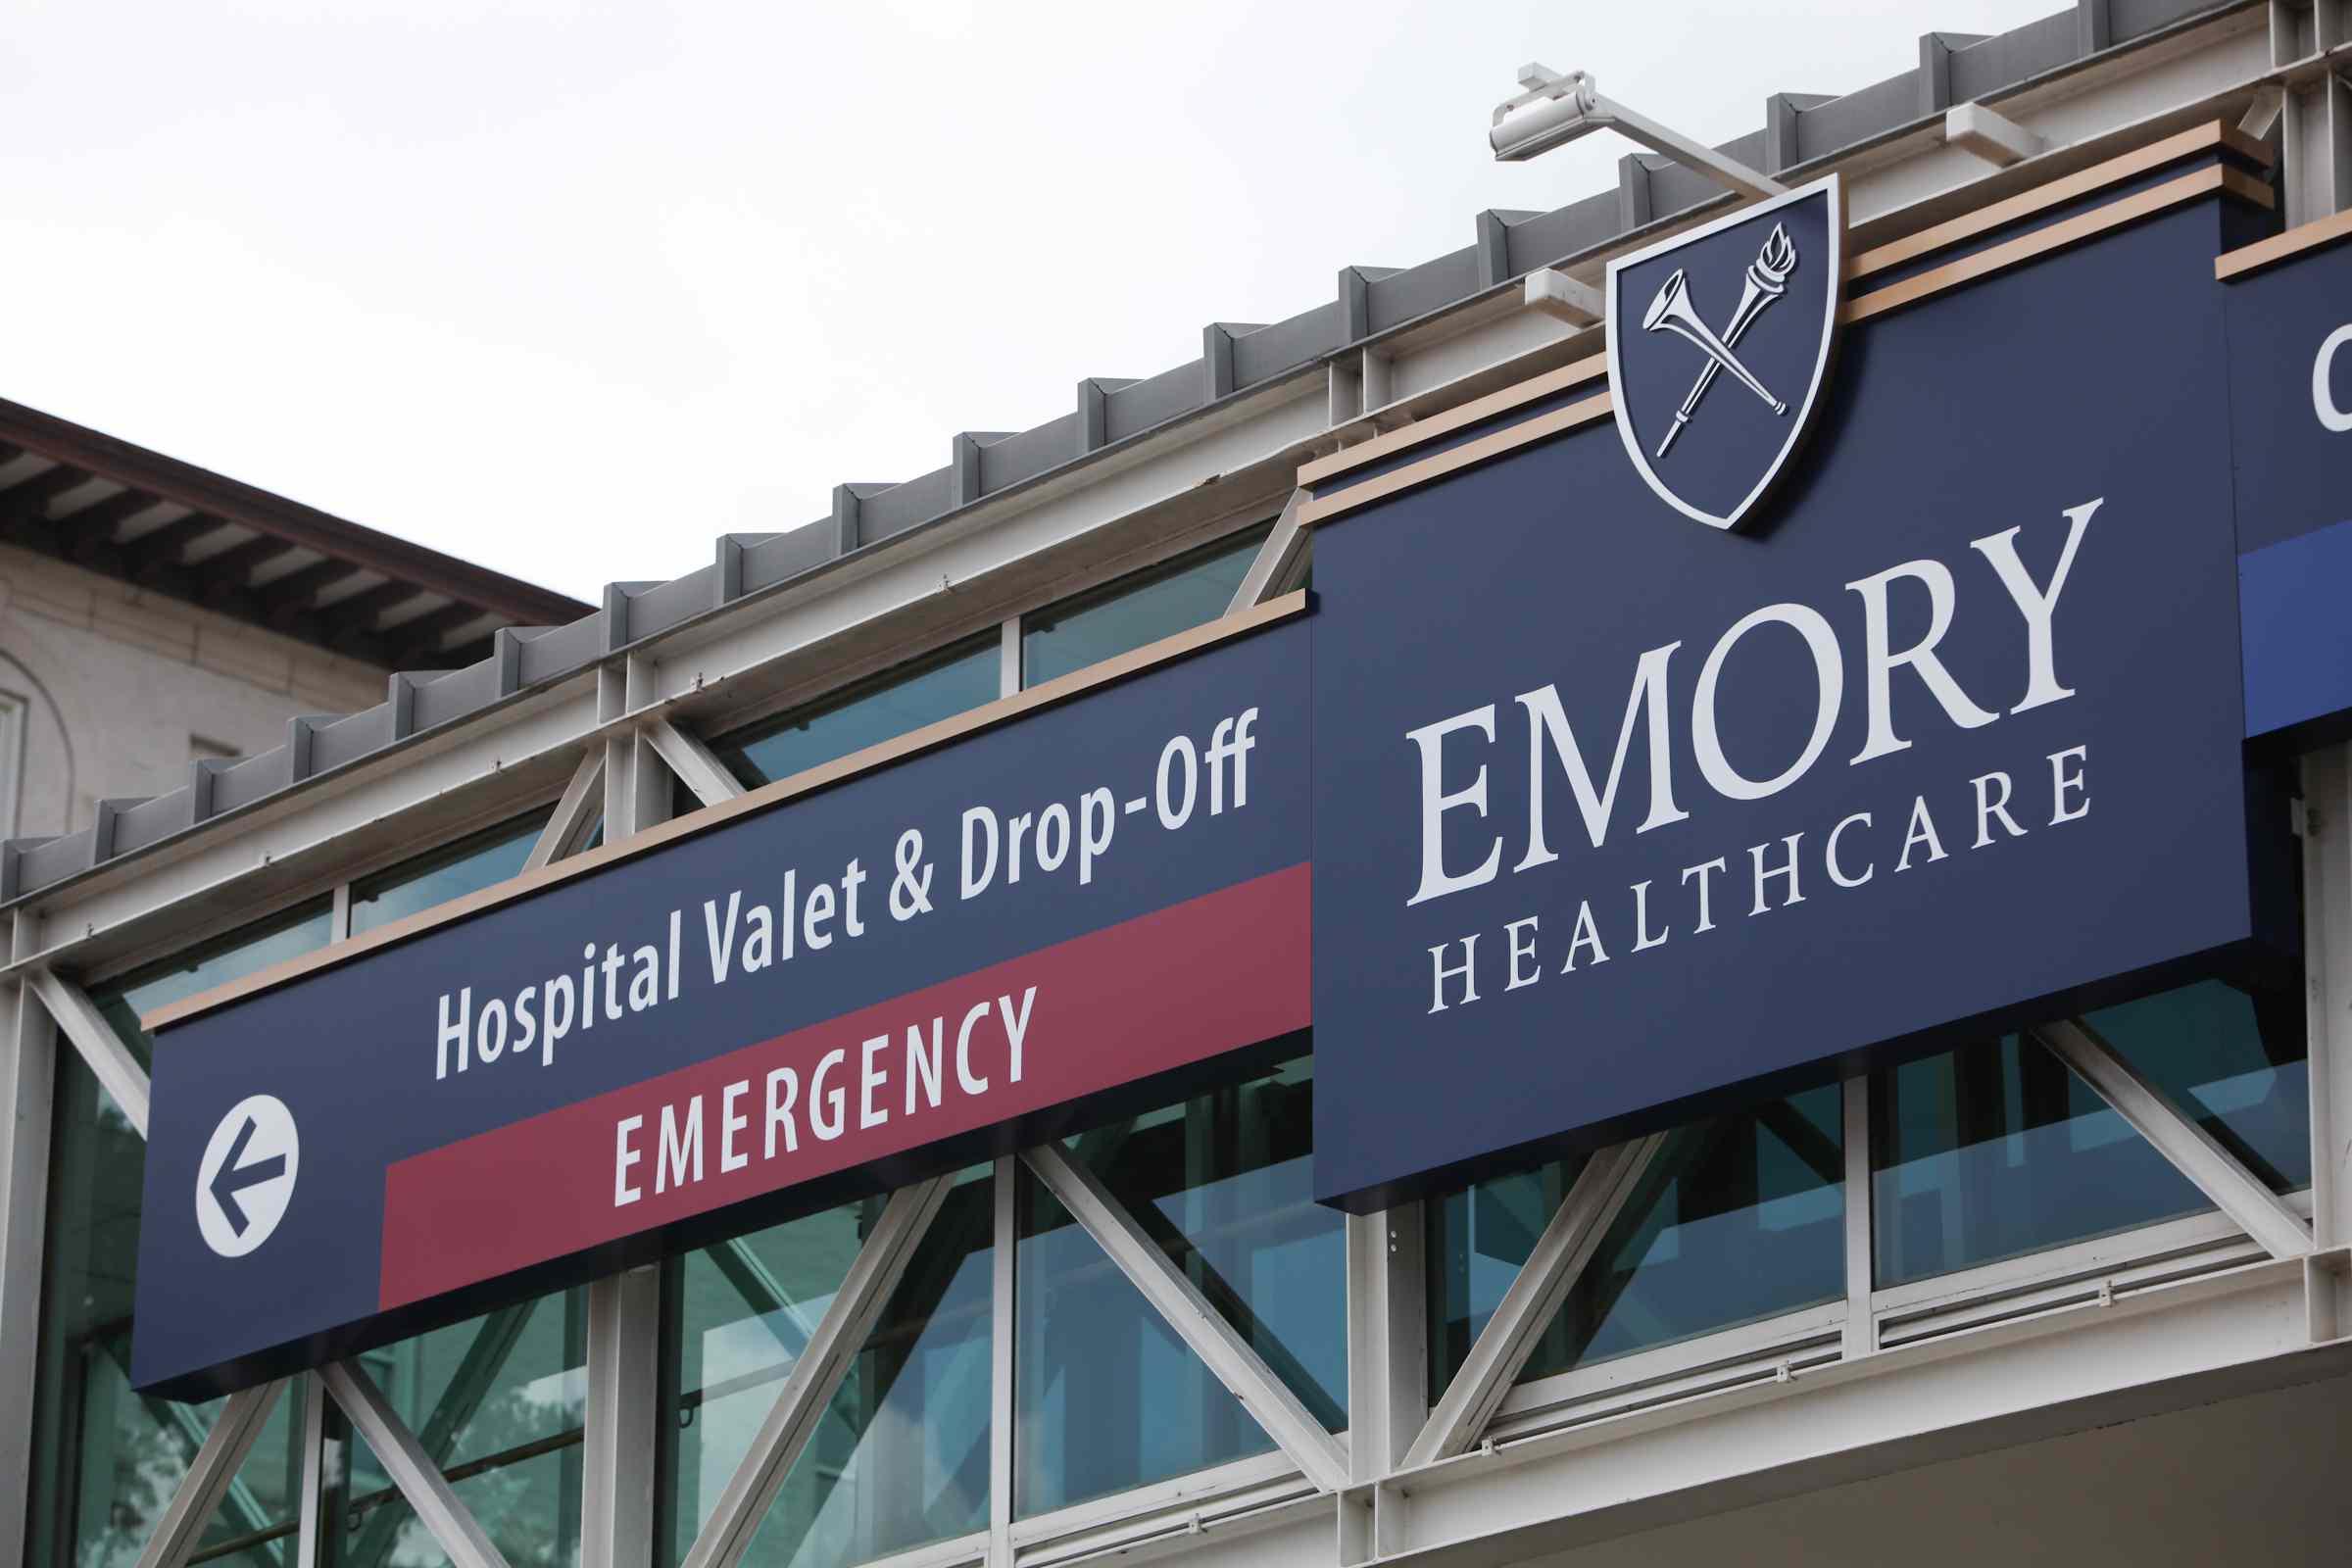 Emory University Healthcare